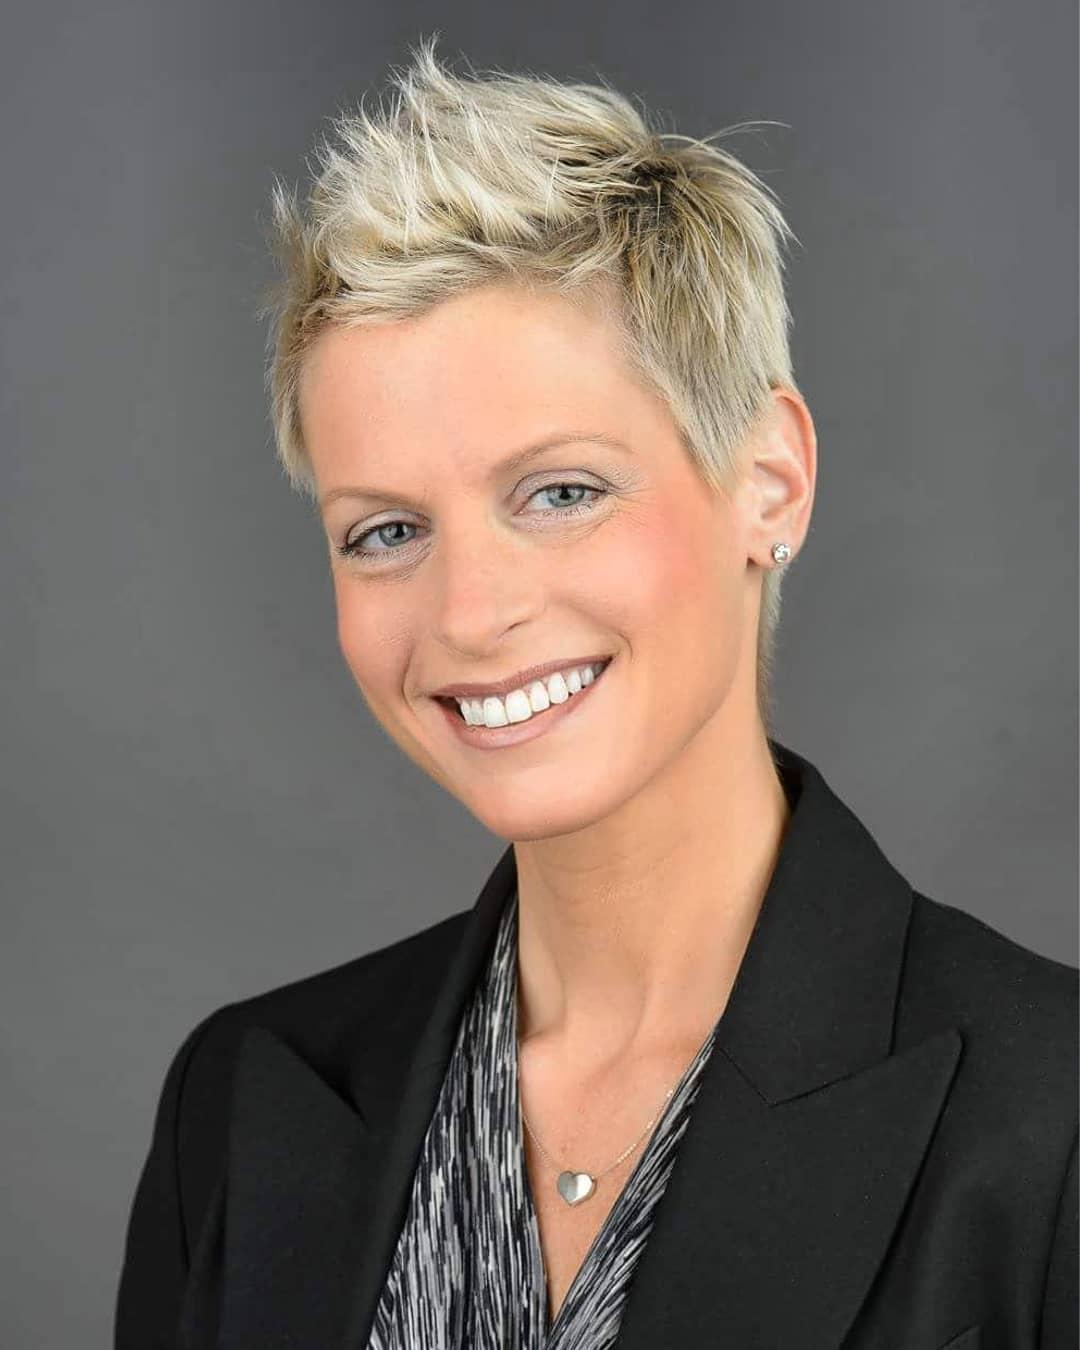 Michelle Passarella